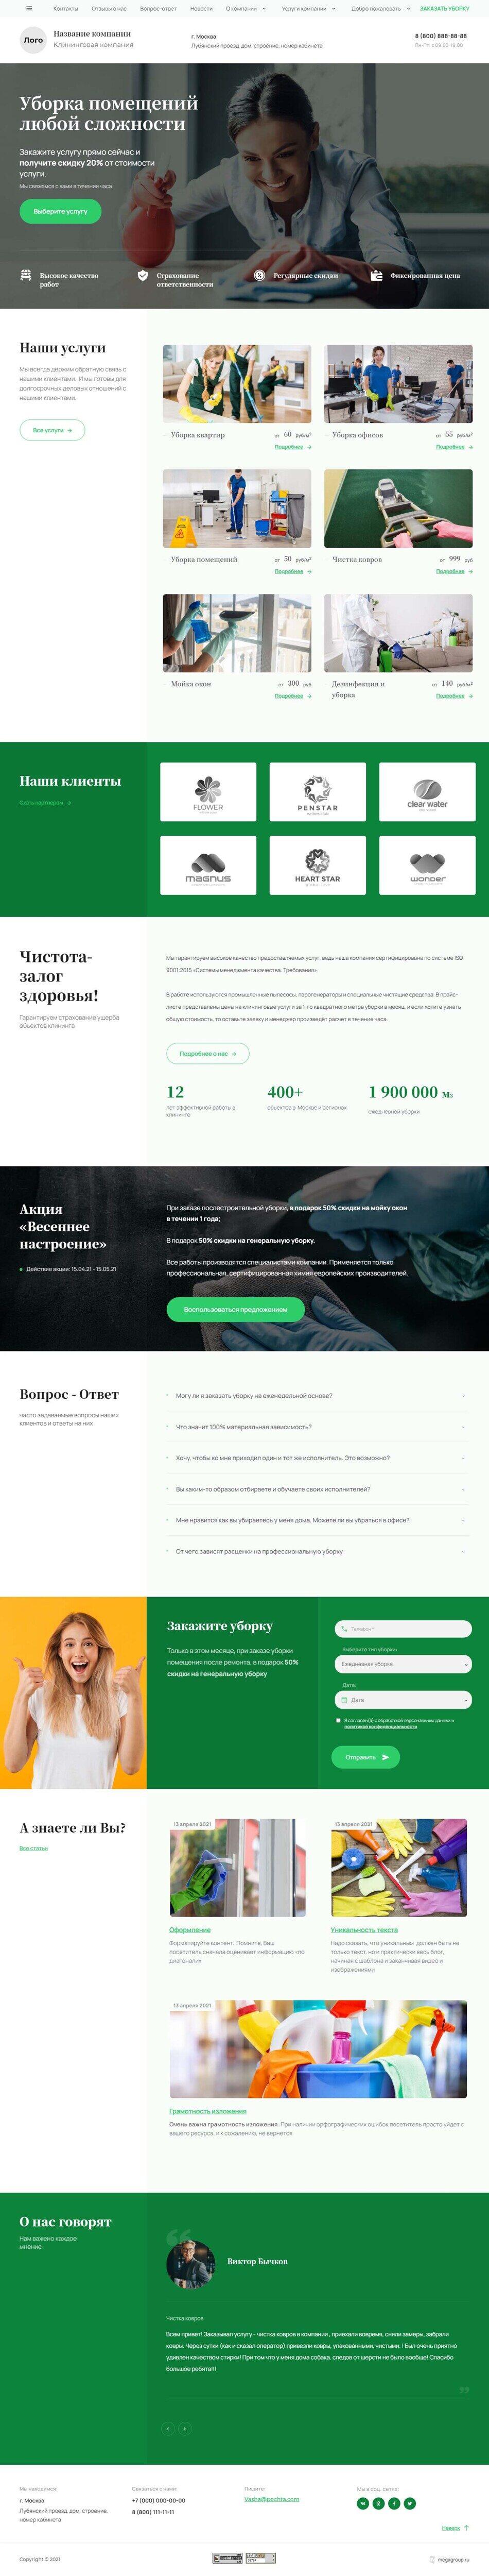 Готовый Сайт-Бизнес #2785766 - Клининговые услуги (Главная версия)